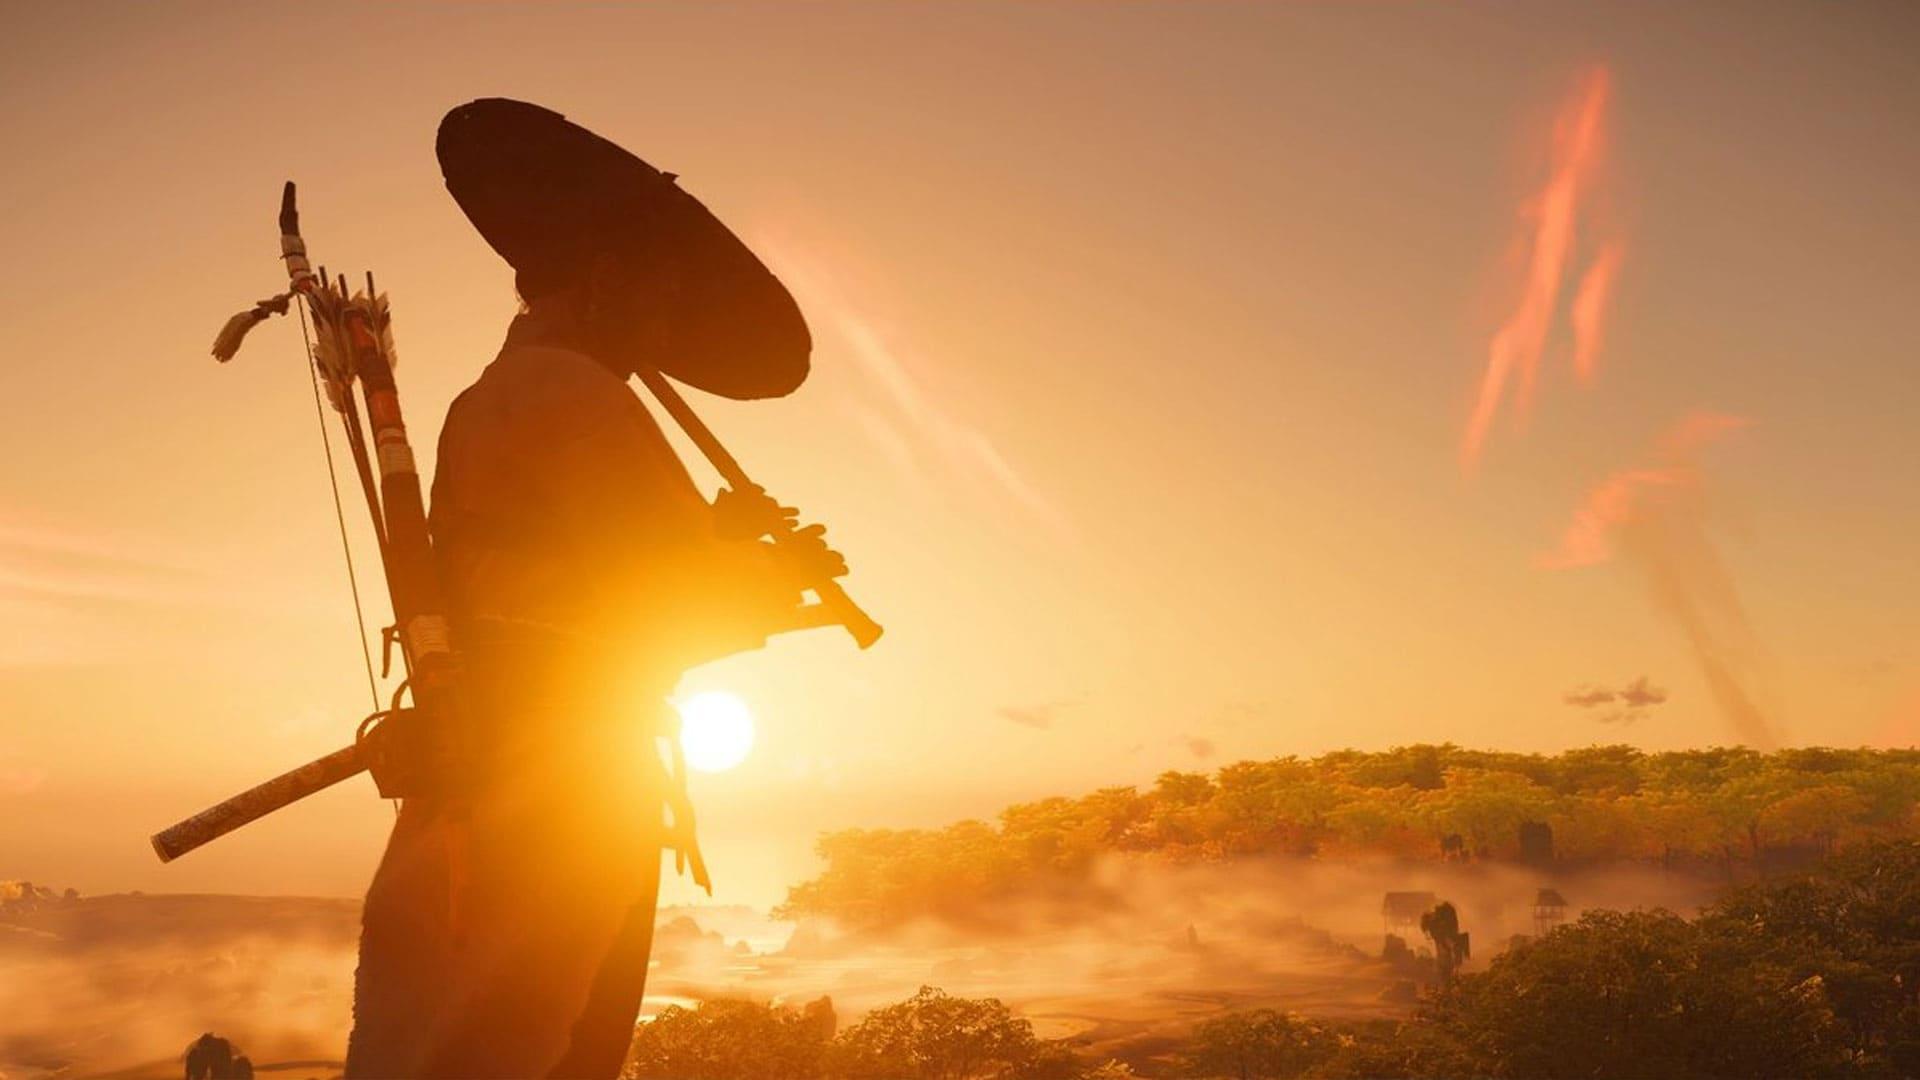 Imagem do jogo Ghost of Tsushima com o personagem Jin Sakai em uma área externa durante o entardecer com céu limpo e uma iluminação alaranjada no mundo aberto ao seu redor